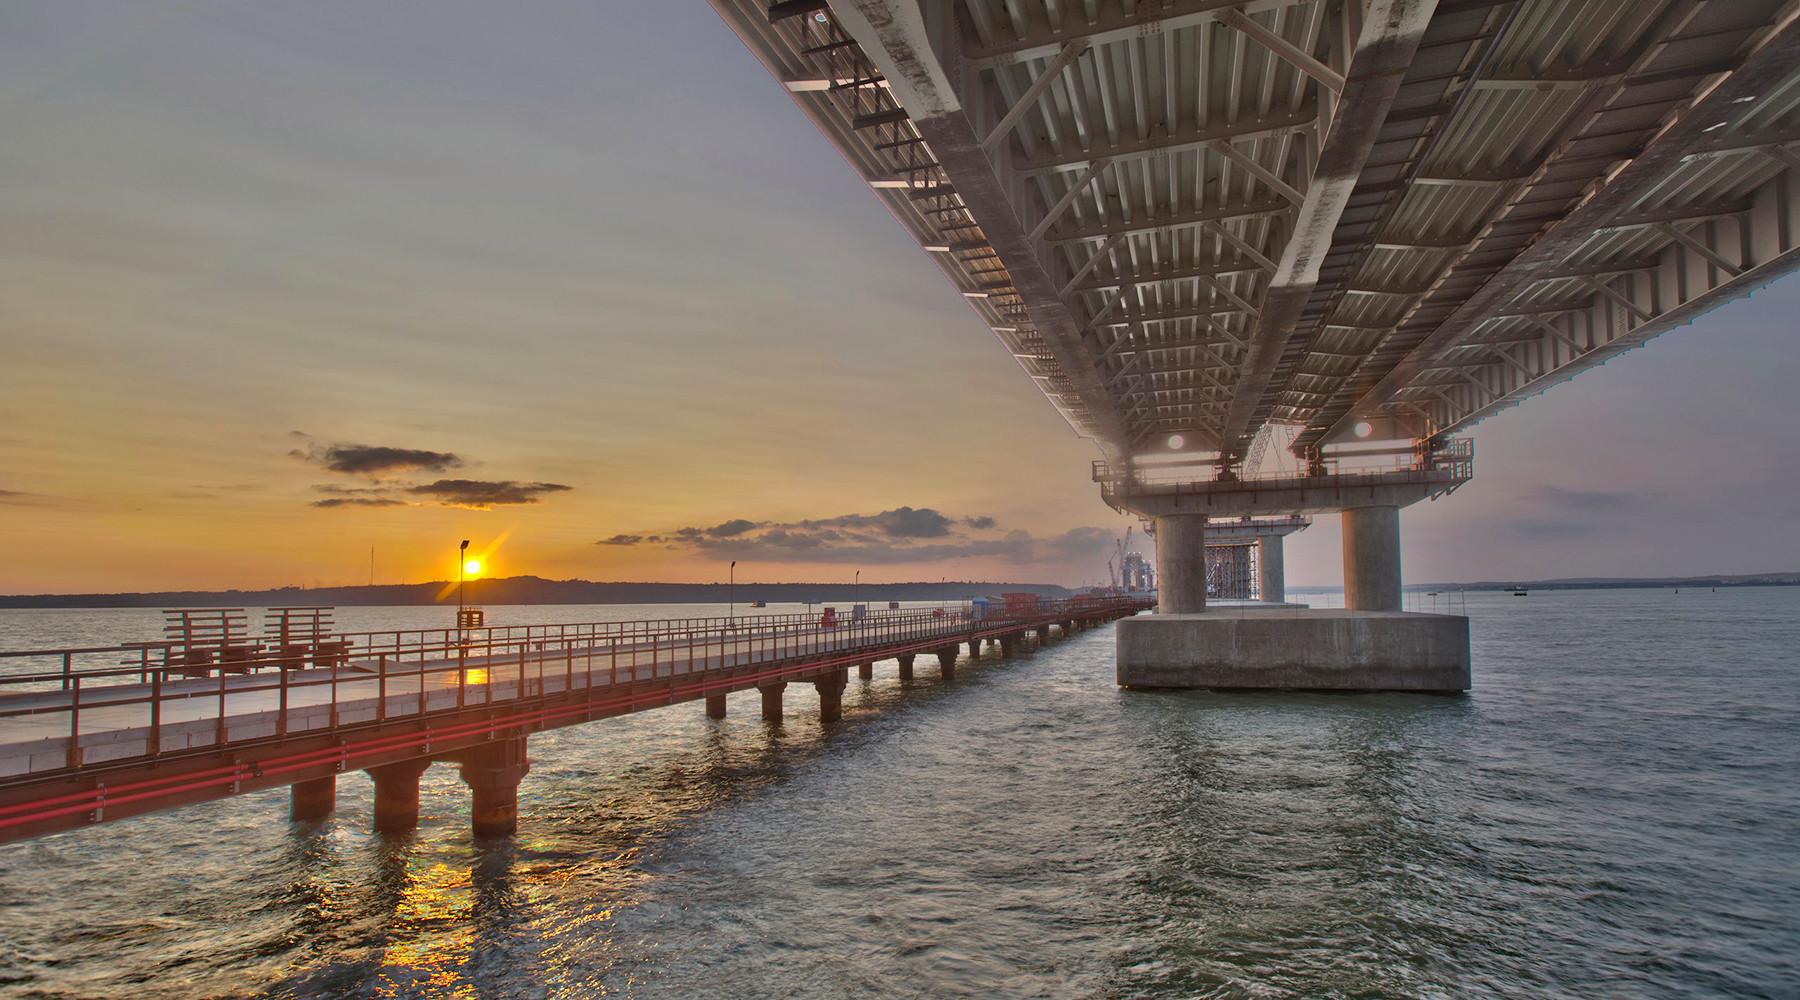 Украина собирается судиться из Крымского моста. 14881.jpeg